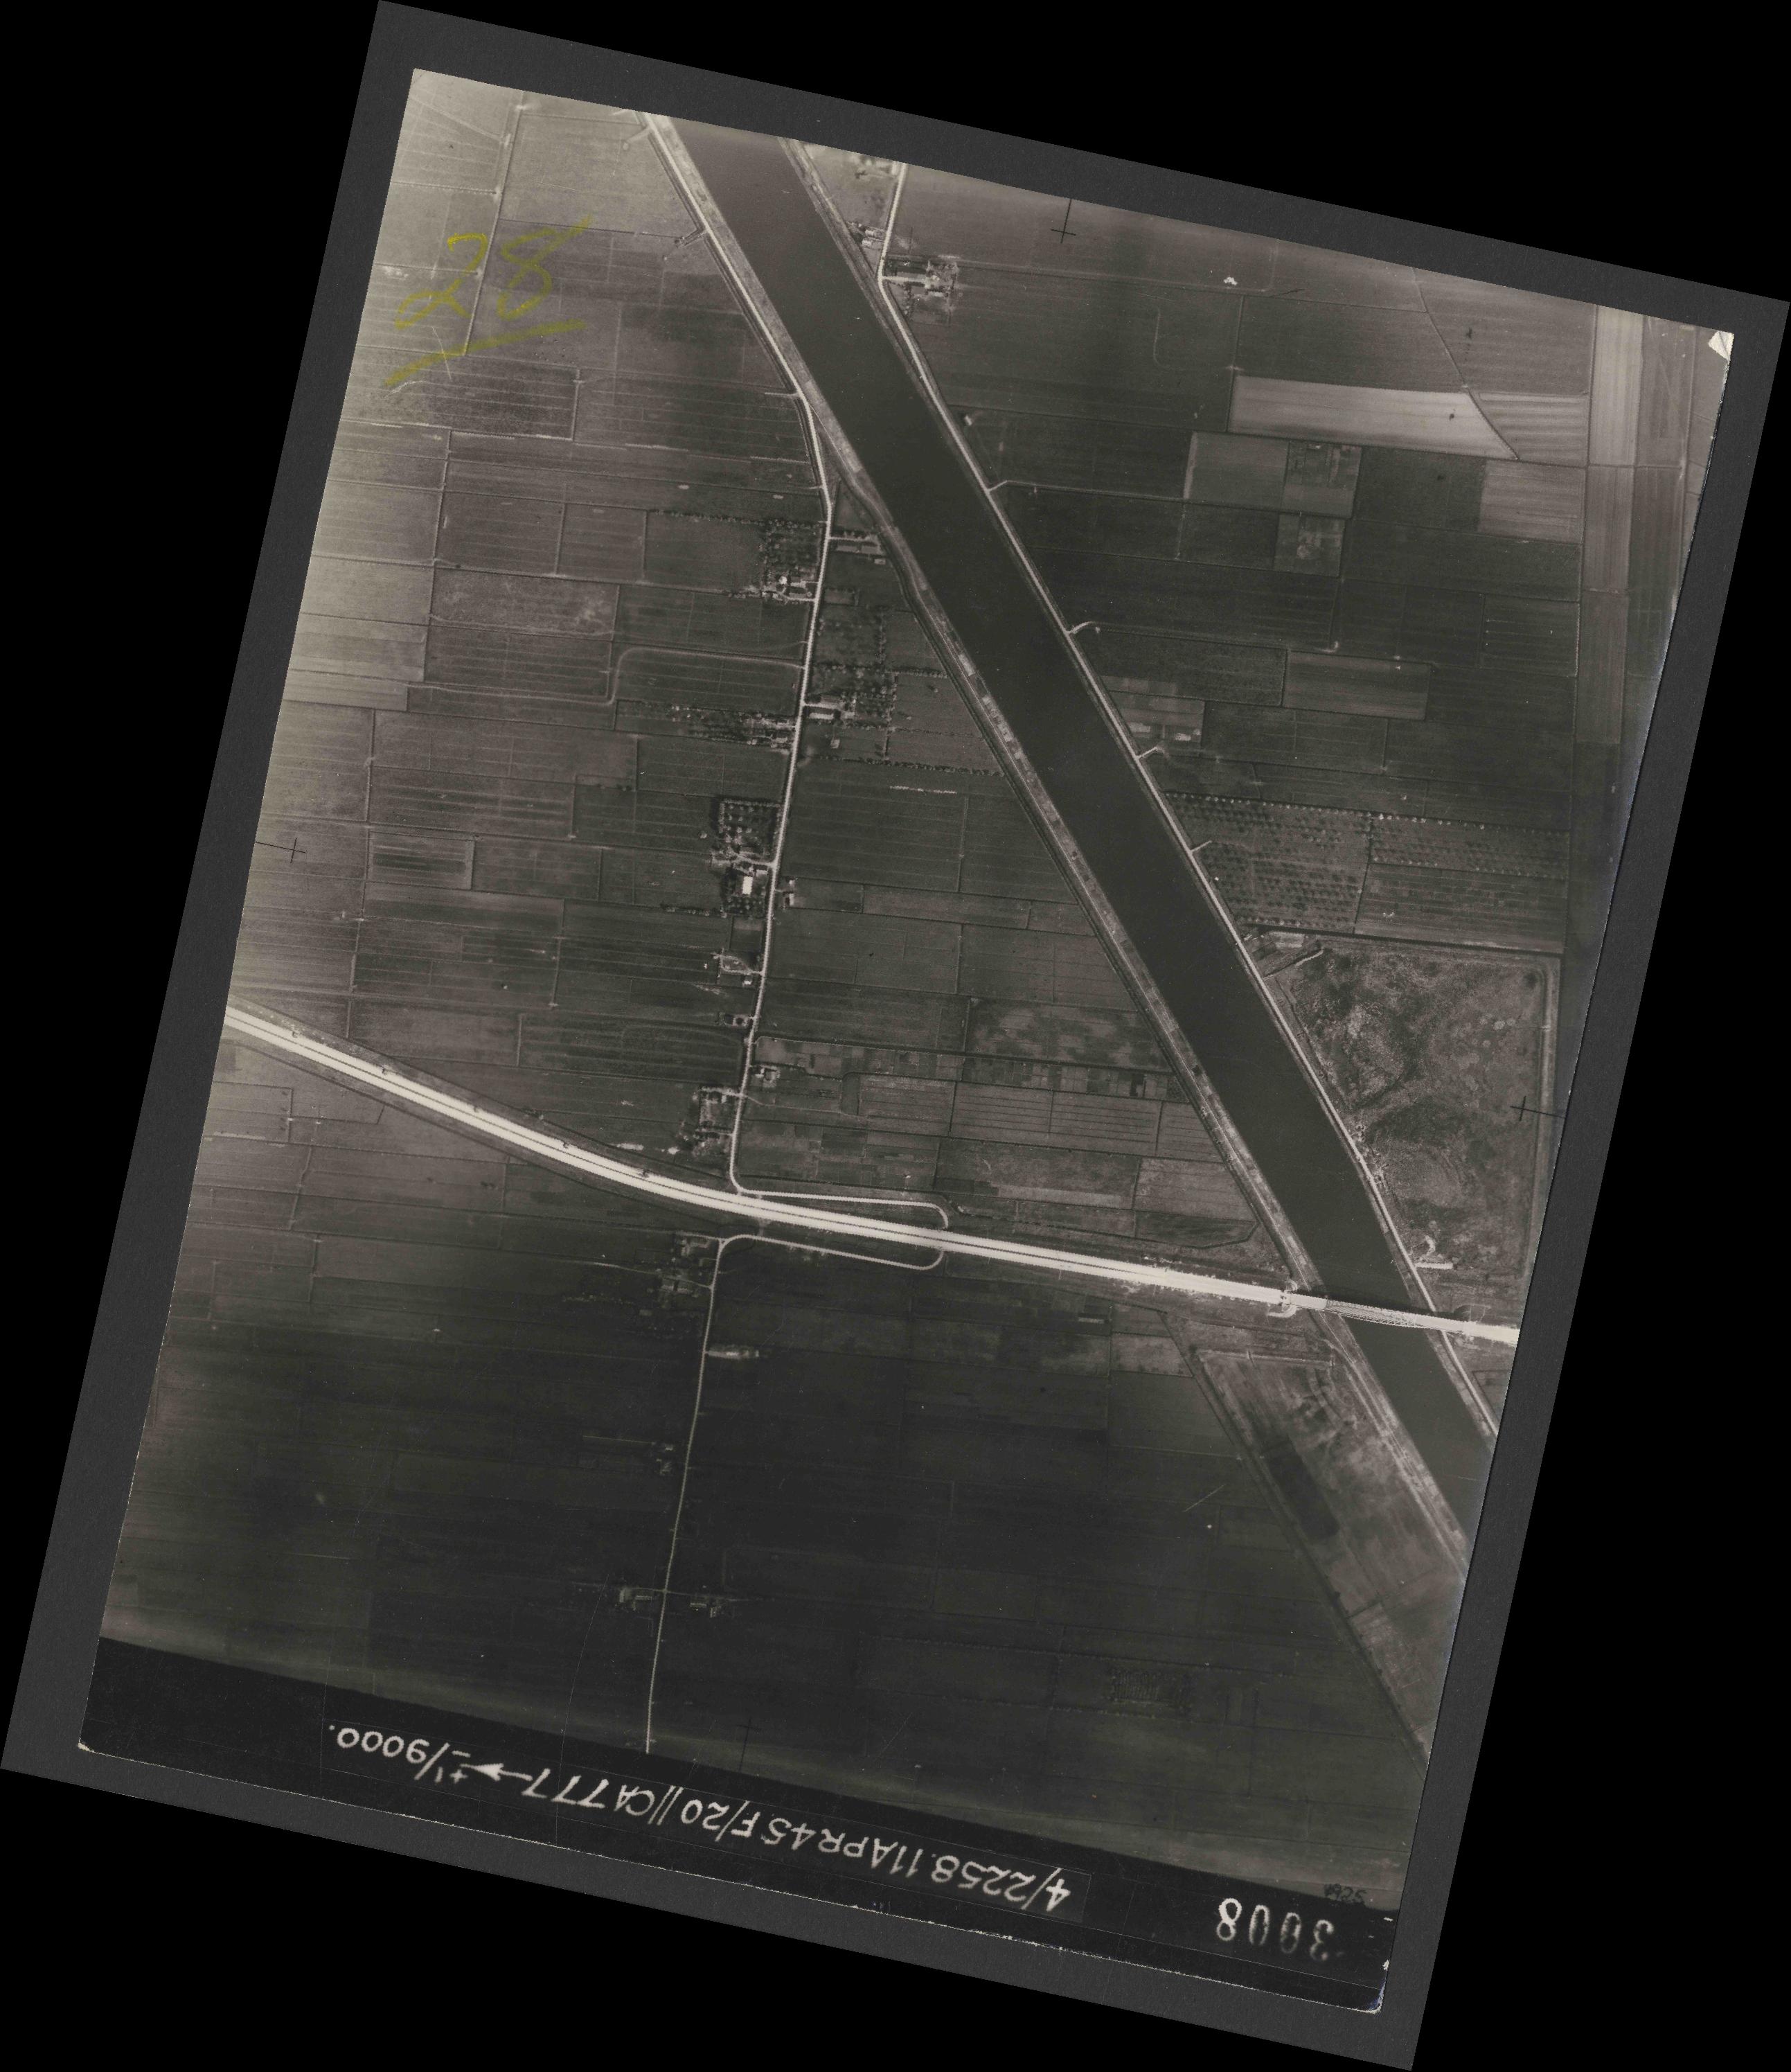 Collection RAF aerial photos 1940-1945 - flight 119, run 02, photo 3008